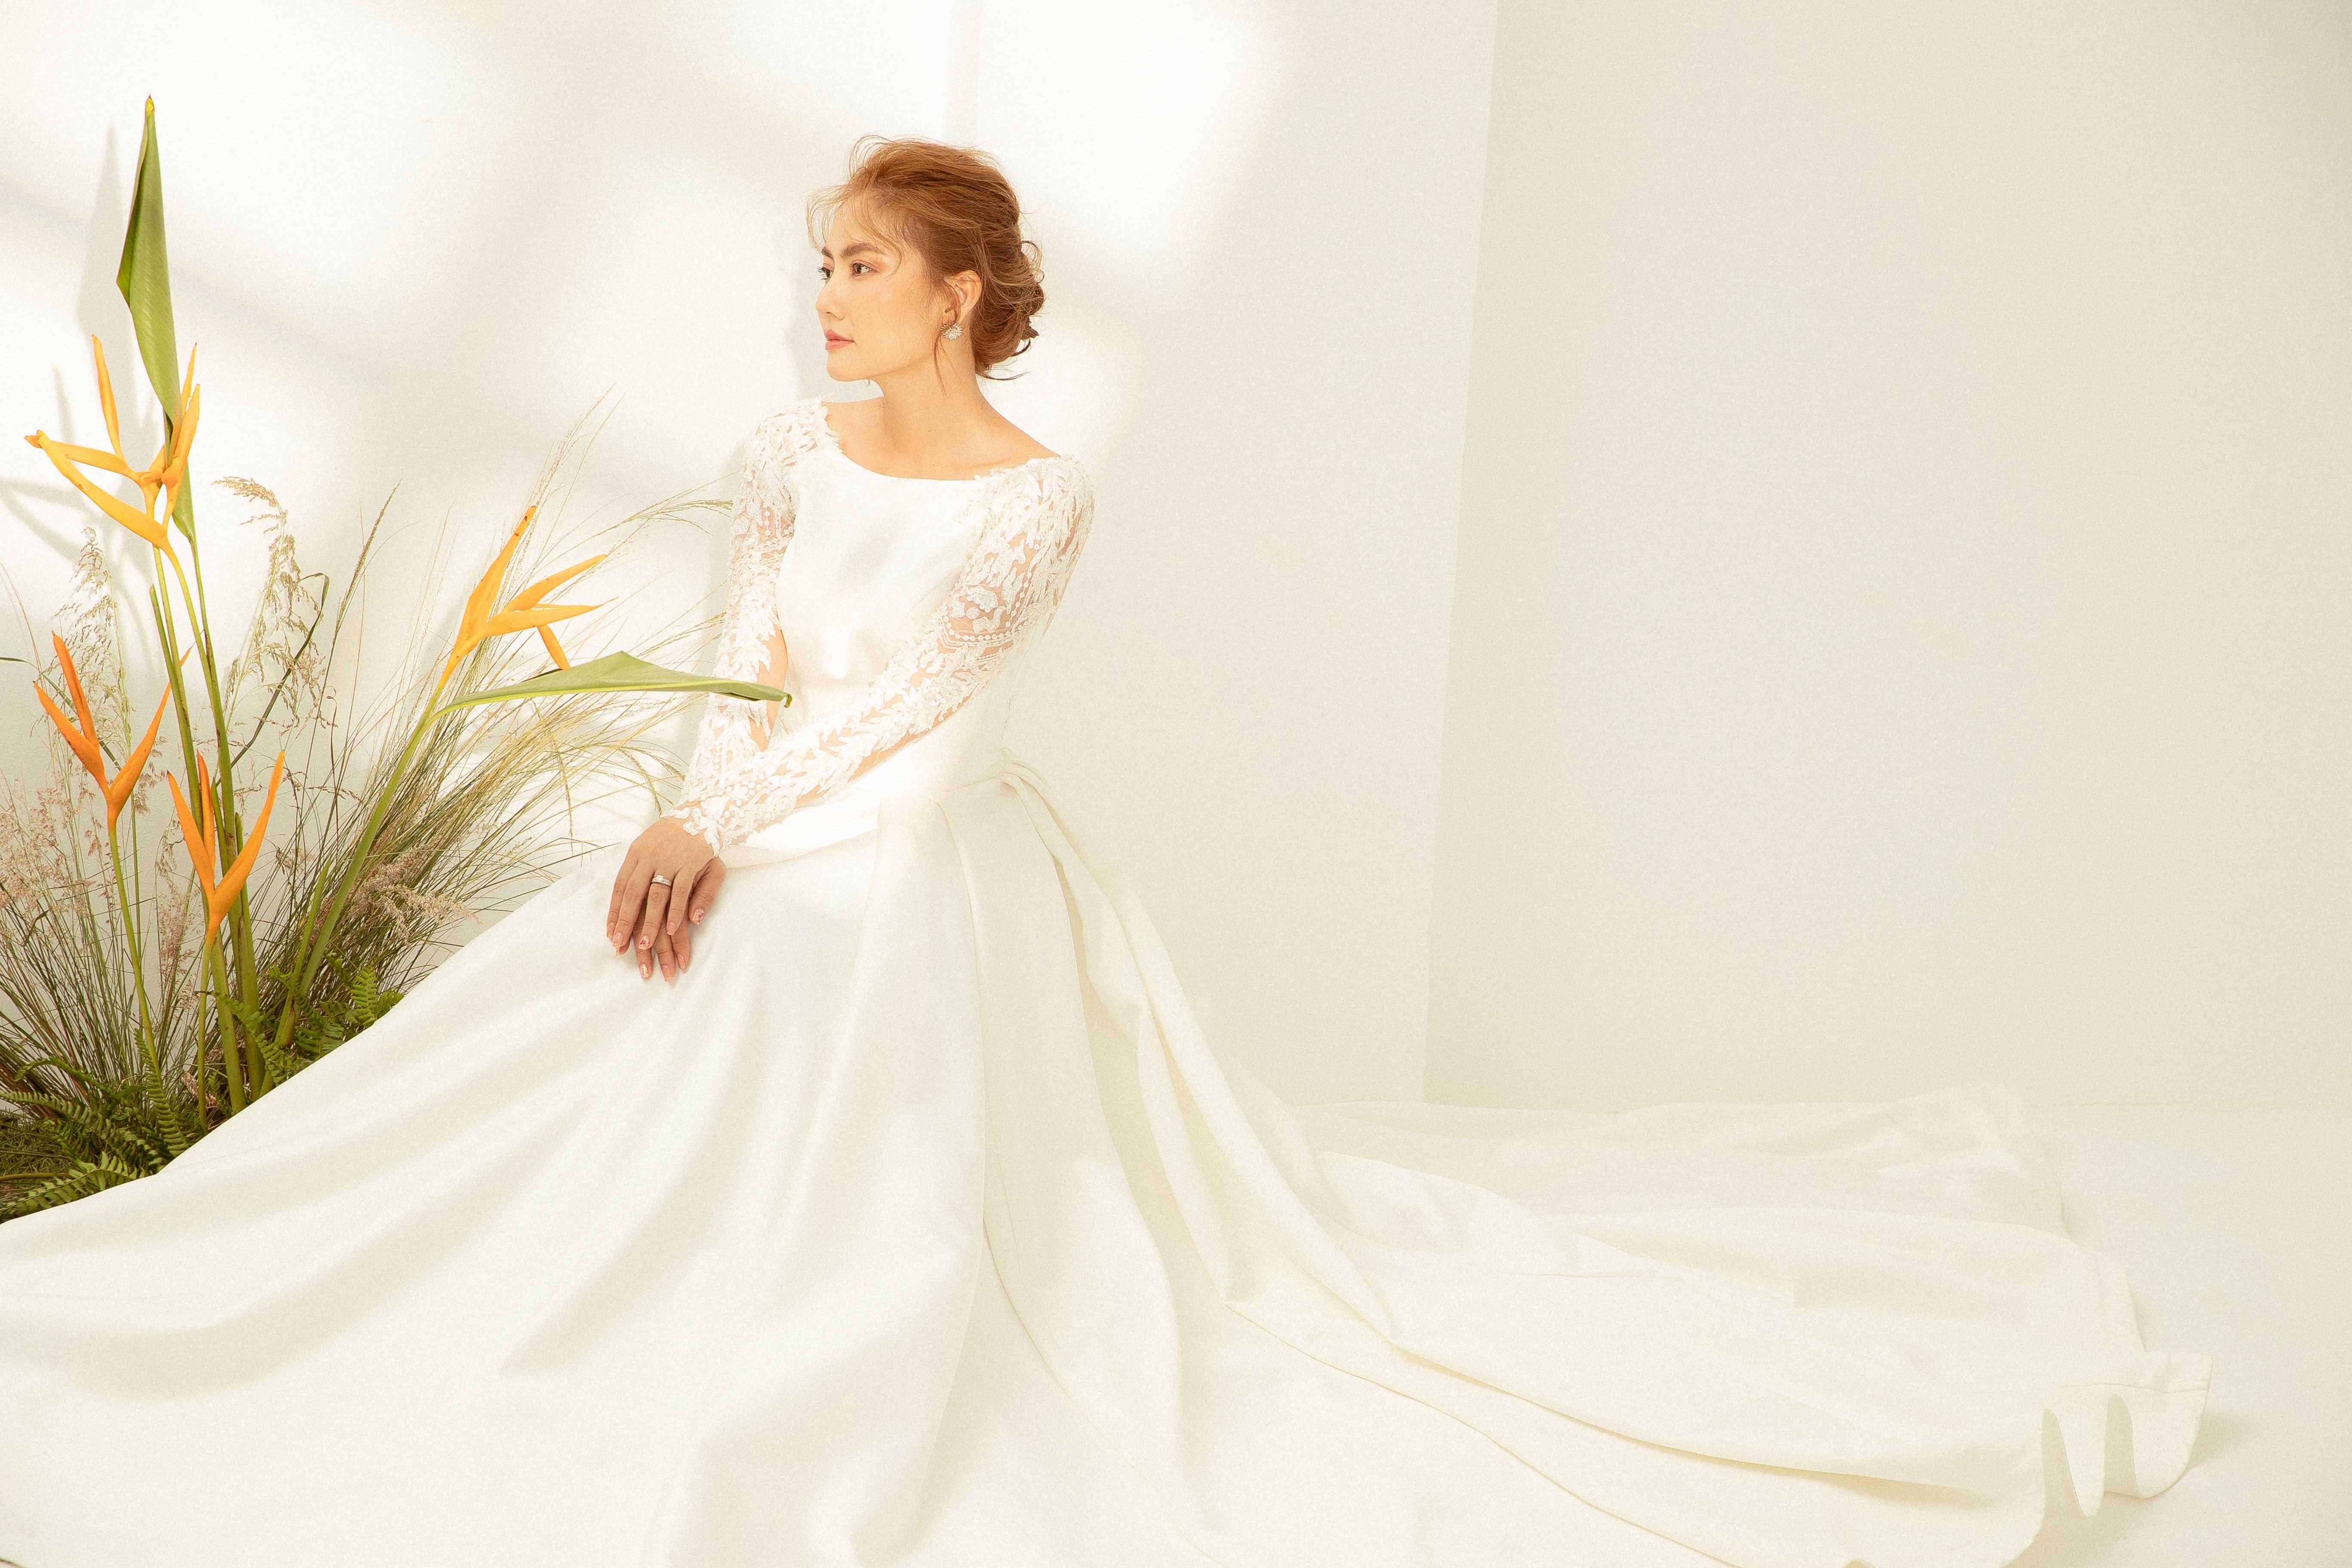 Váy cưới Elisa Bridal Couture tay dài ren màu trắng